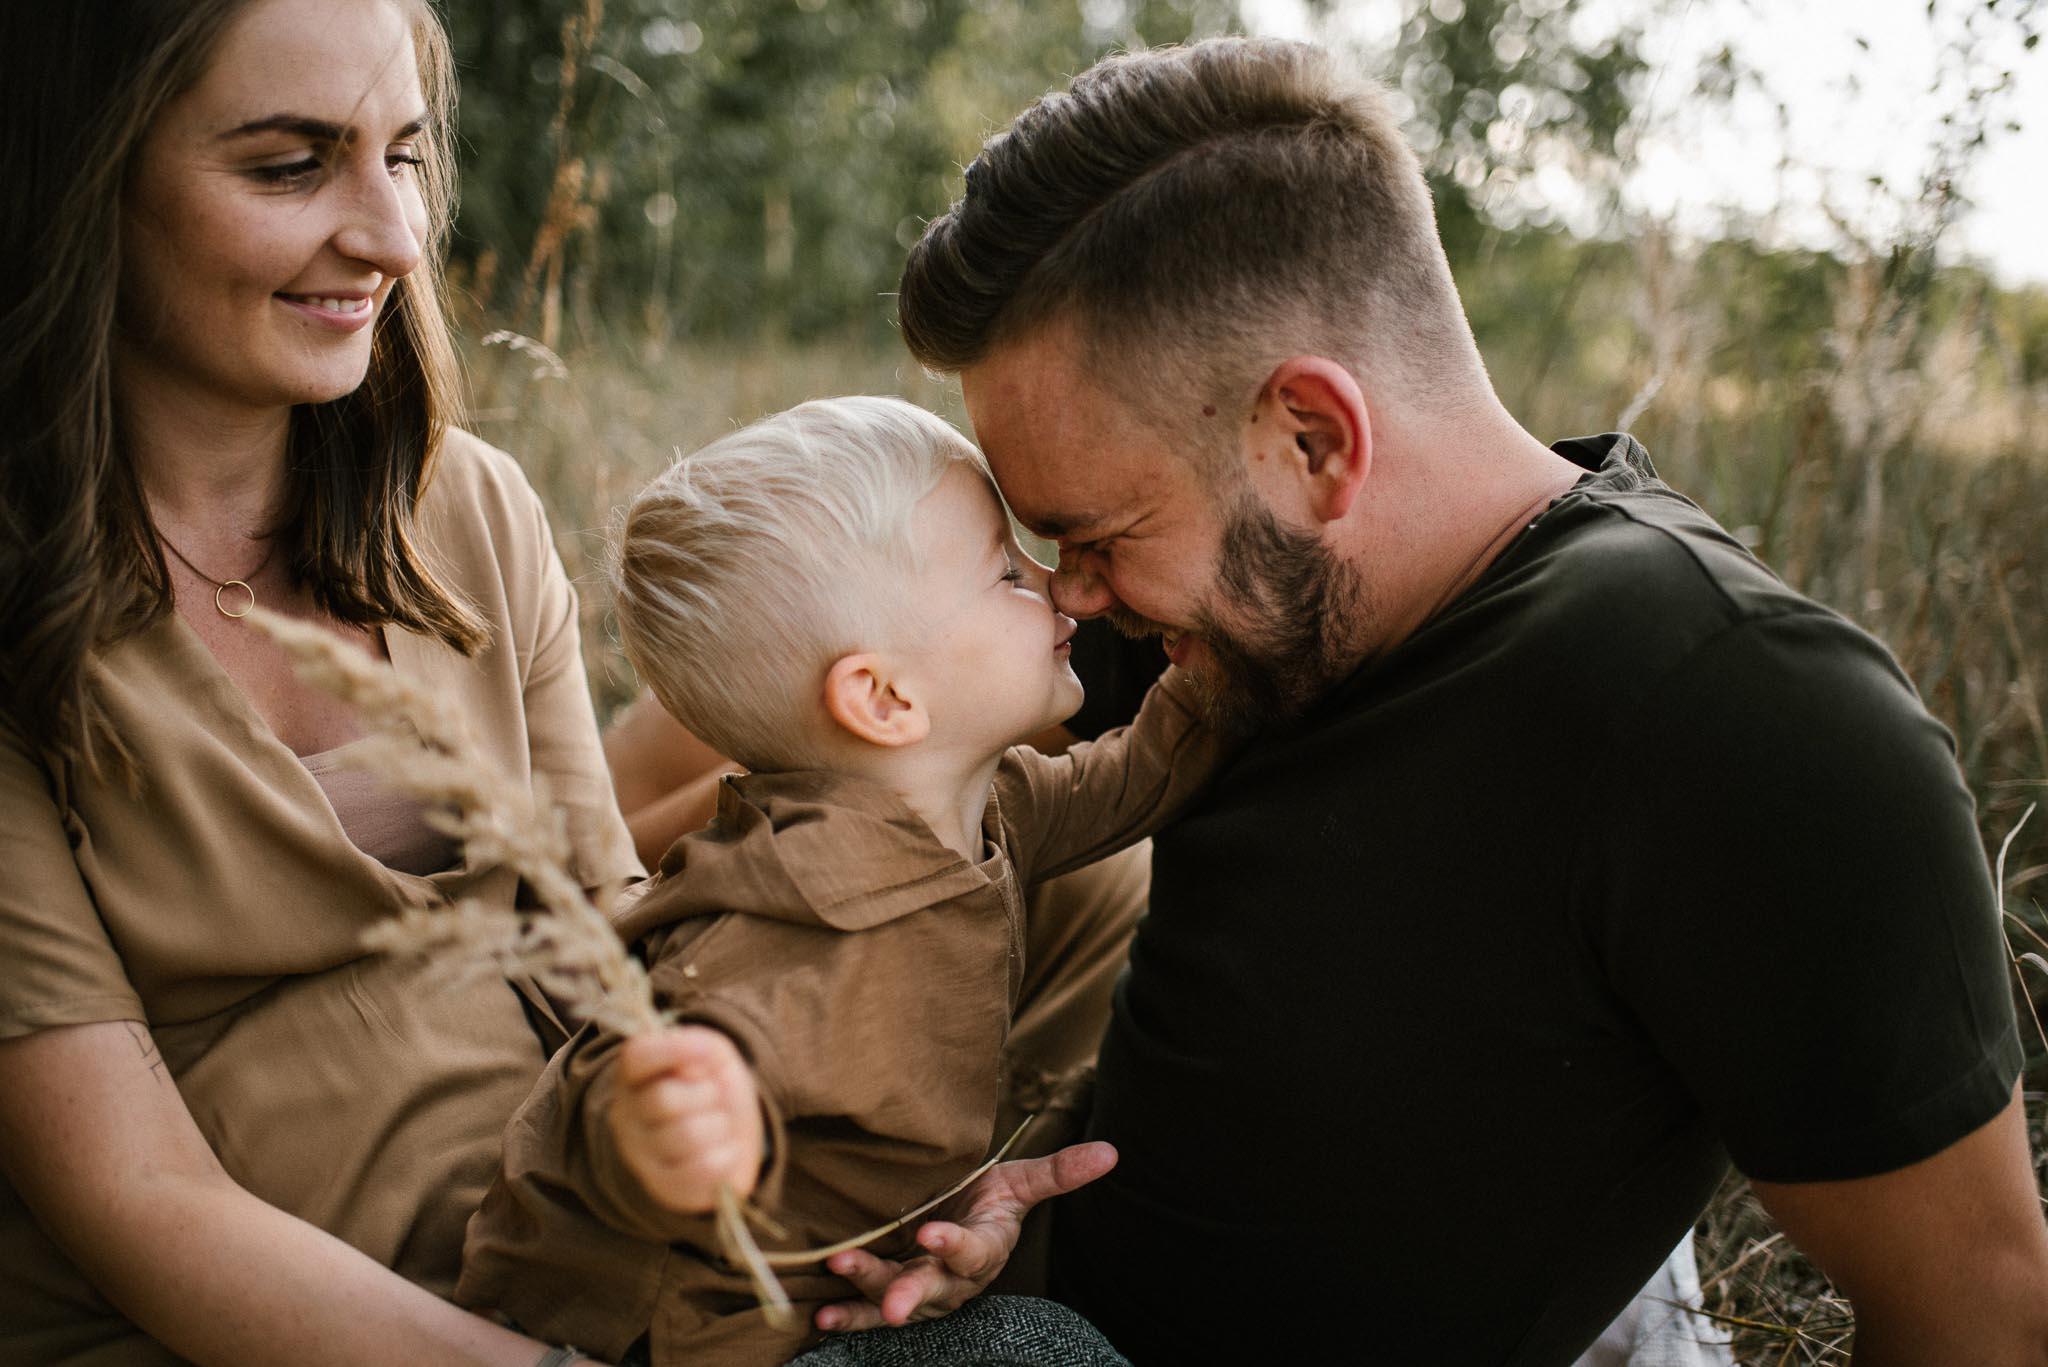 Chłopiec daje tacie buziaka - Sesja ciążowa na łące w plenerze Poznań